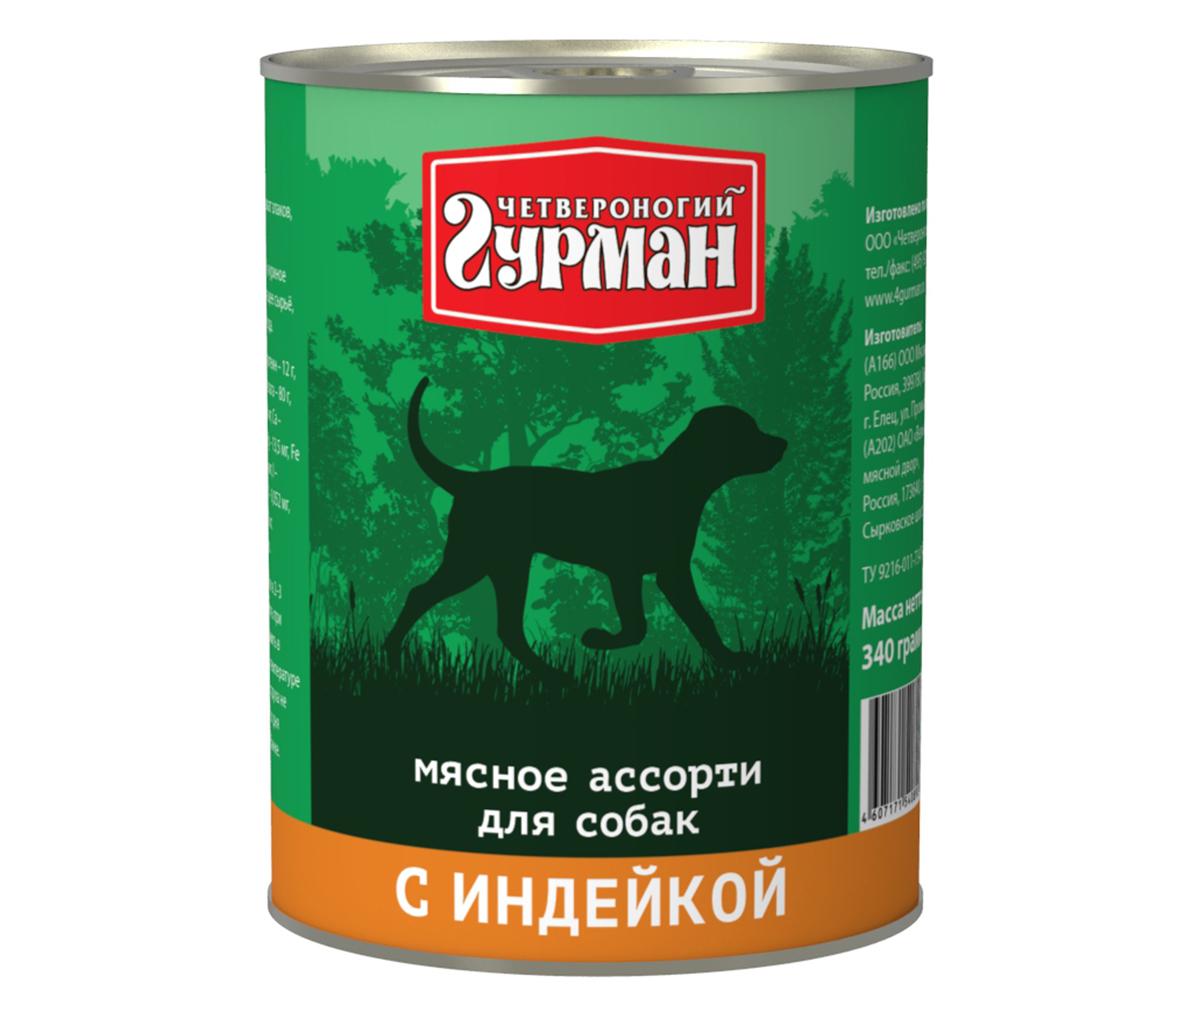 Консервы для собак Четвероногий гурман Мясное ассорти, с индейкой, 340 г. 103109005103109005Консервы для собак Четвероногий гурман Мясное ассорти - это влажный мясной корм суперпремиум класса, состоящий из разных сортов мяса и качественных субпродуктов. Корм не содержит синтетических витаминно-минеральных комплексов, злаков, бобовых и овощей. Никаких искусственных компонентов в составе: только натуральное, экологически чистое мясо от проверенных поставщиков. По консистенции продукт представляет собой кусочки из фарша размером 3-15 мм. В состав входит коллаген. Его компоненты (хондроитин и глюкозамин) положительно воздействуют на суставы питомца. Состав: индюшиное мясо (20%), сердце (16%), куриное мясо, легкое, рубец, печень, коллагенсодержащее сырье, животный белок, масло растительное, вода. Пищевая ценность (в 100 г продукта): протеин 12 г, жир 6,8 г, клетчатка 0,5 г, сырая зола 2 г, влага 80 г. Минеральные вещества: P 128,6 мг, Са 9,4 мг, Na 160 мг, Cl 203,4 мг, Mg 13,5 мг, Fe 3,2 мг, Cu 212,8 мкг, I 3,02 мкг. Витамины: А, E, В1, В2, B3, B5, B6. Энергетическая ценность (на 100 г): 110 ккал. Товар сертифицирован.